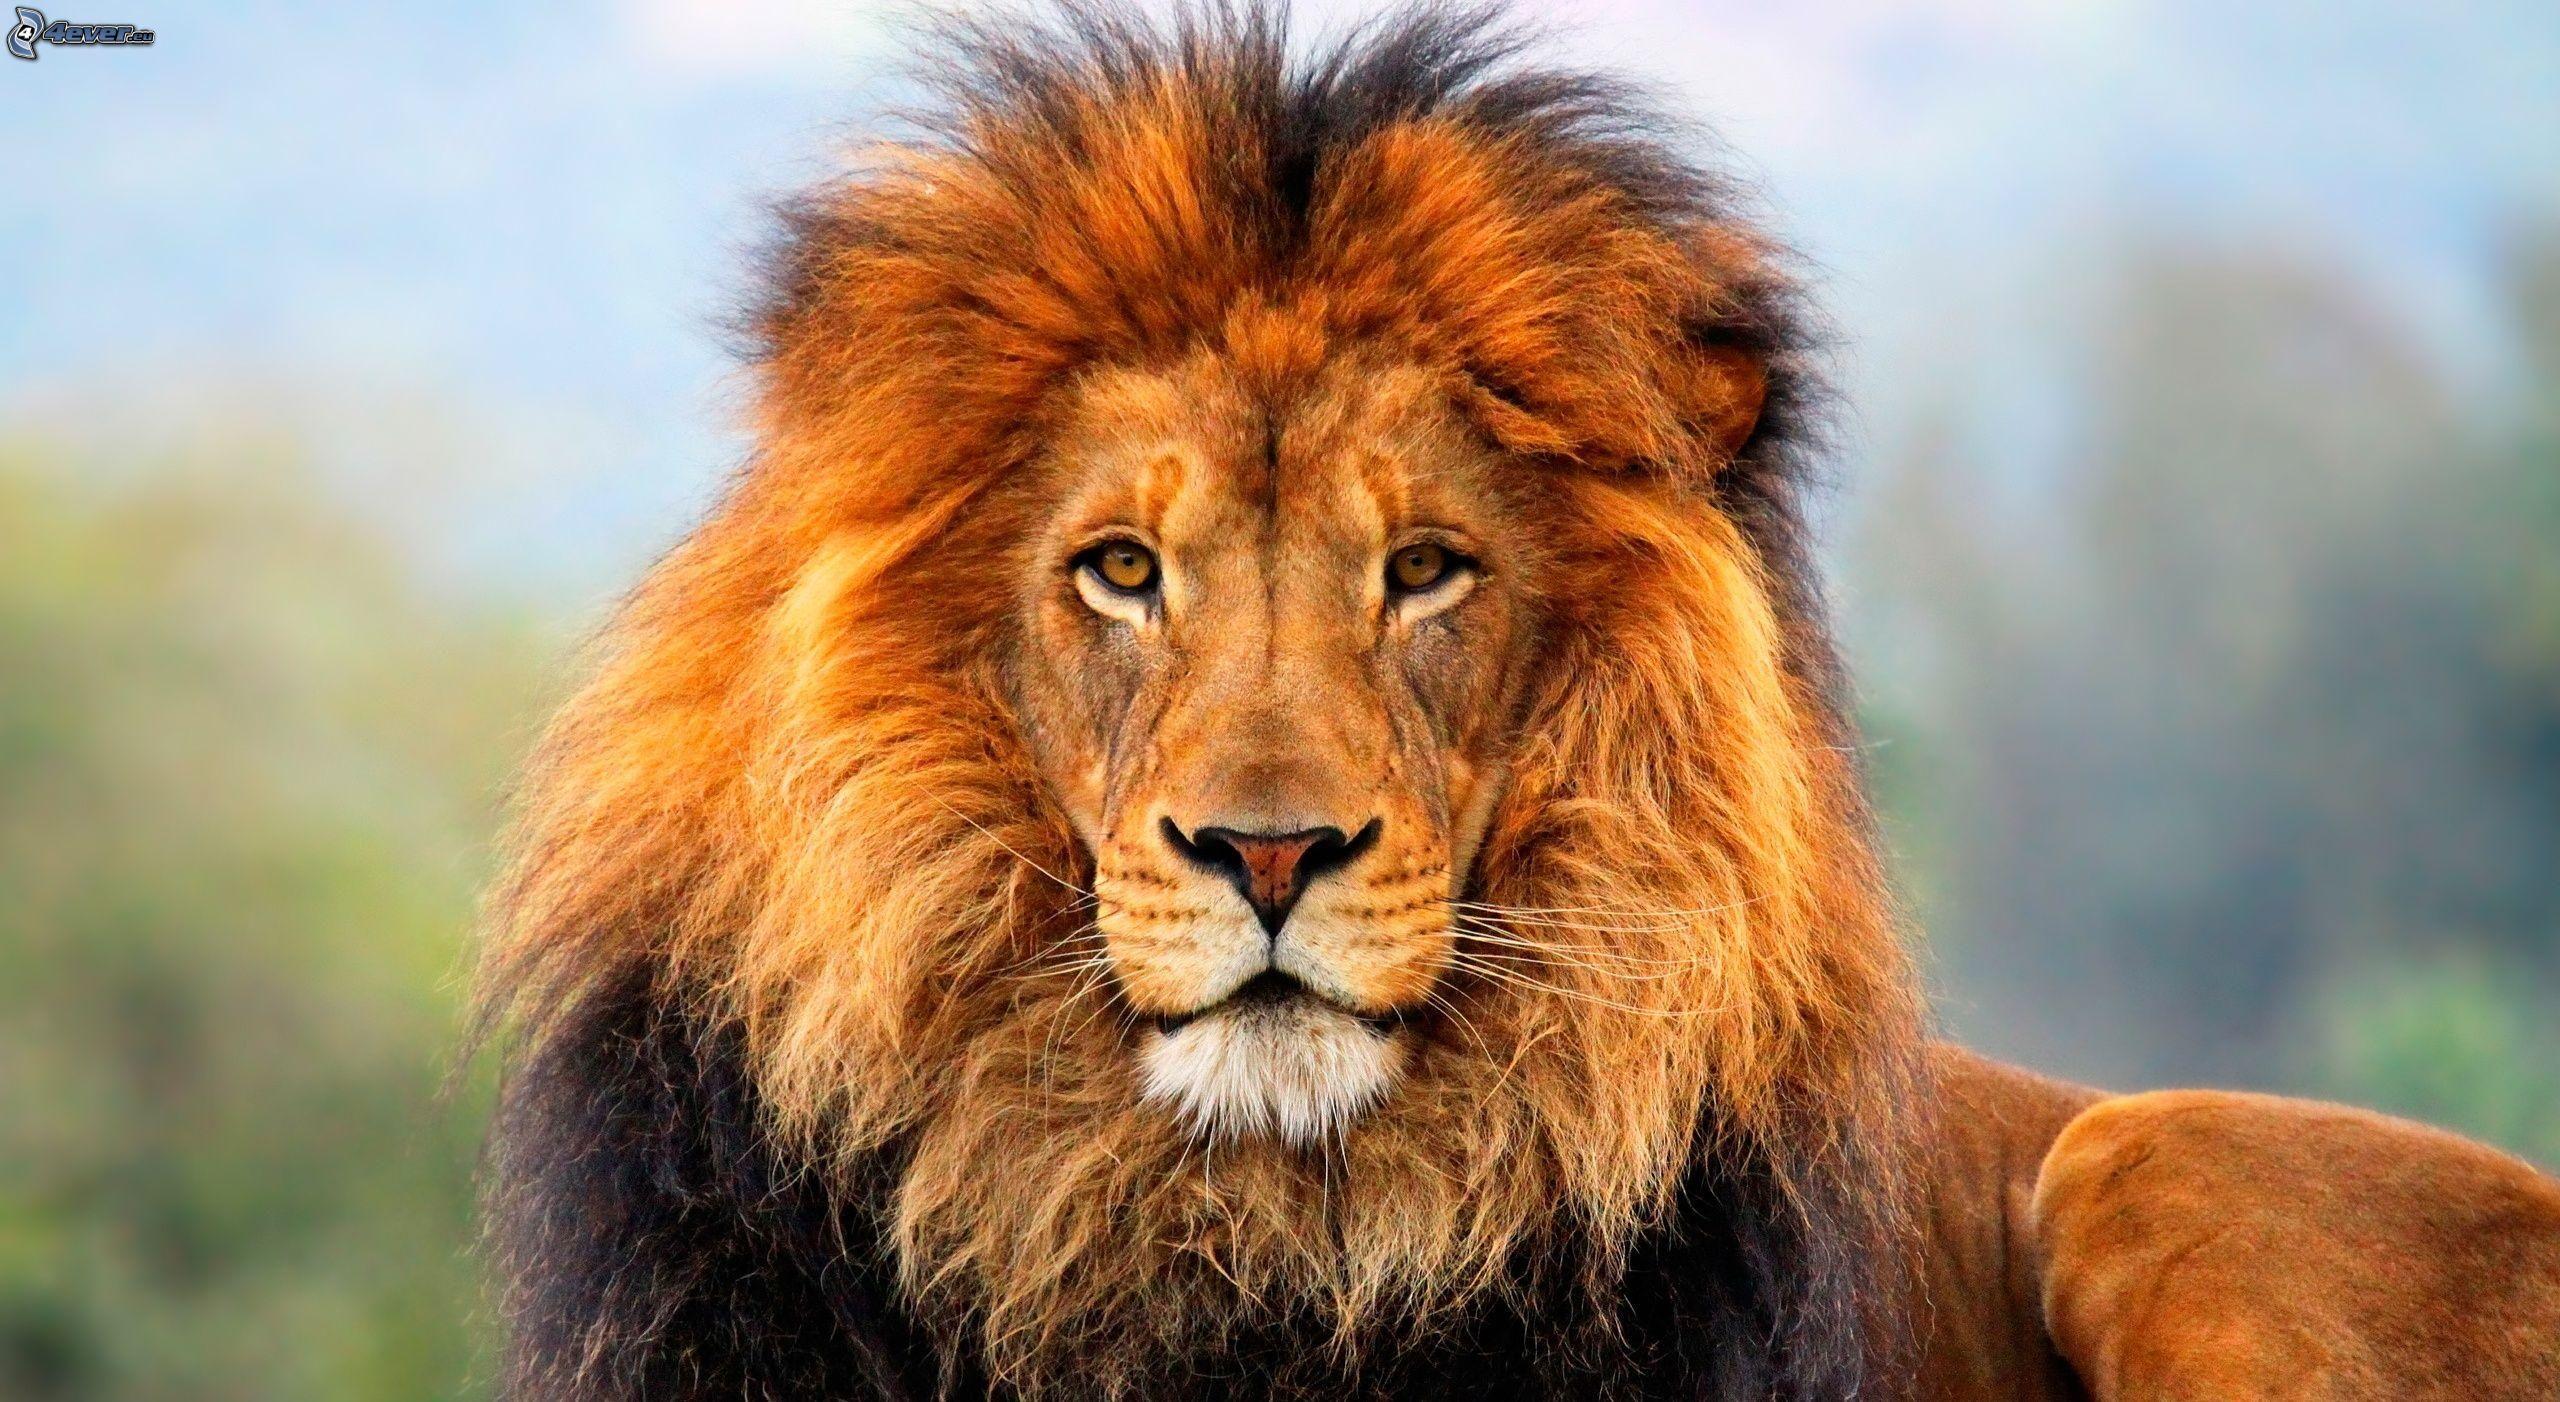 ¡¡¡ÚLTIMO!!! El León se encuentra en peligro de extinción